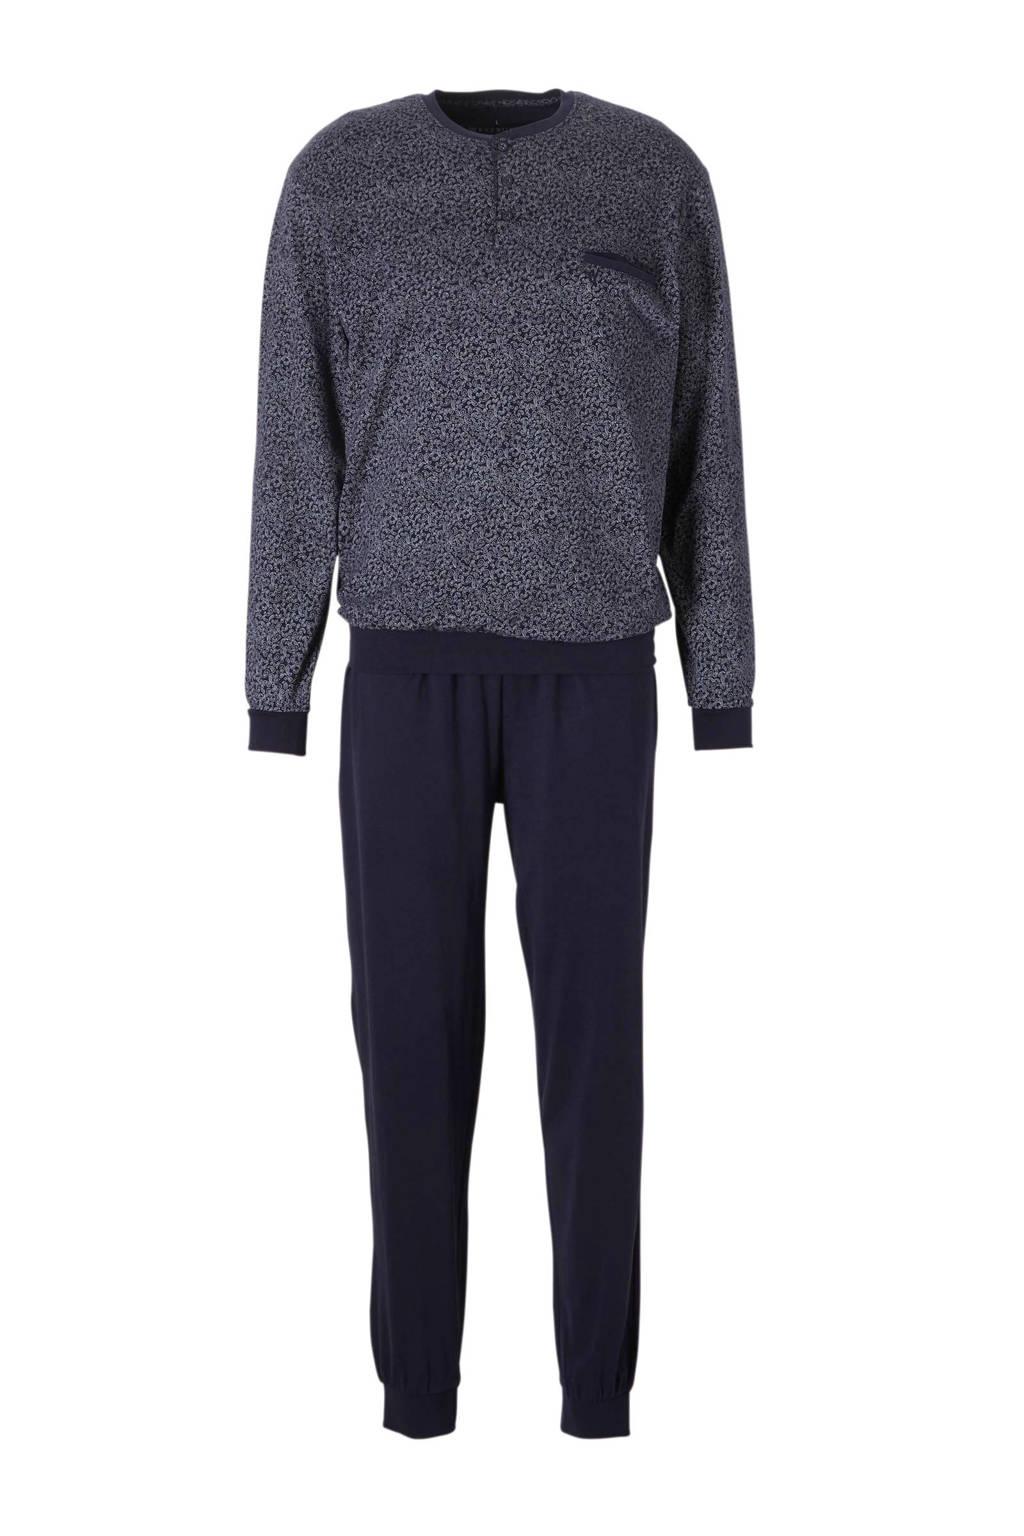 C&A Westbury pyjama all over print donkerblauw, Donkerblauw/wit